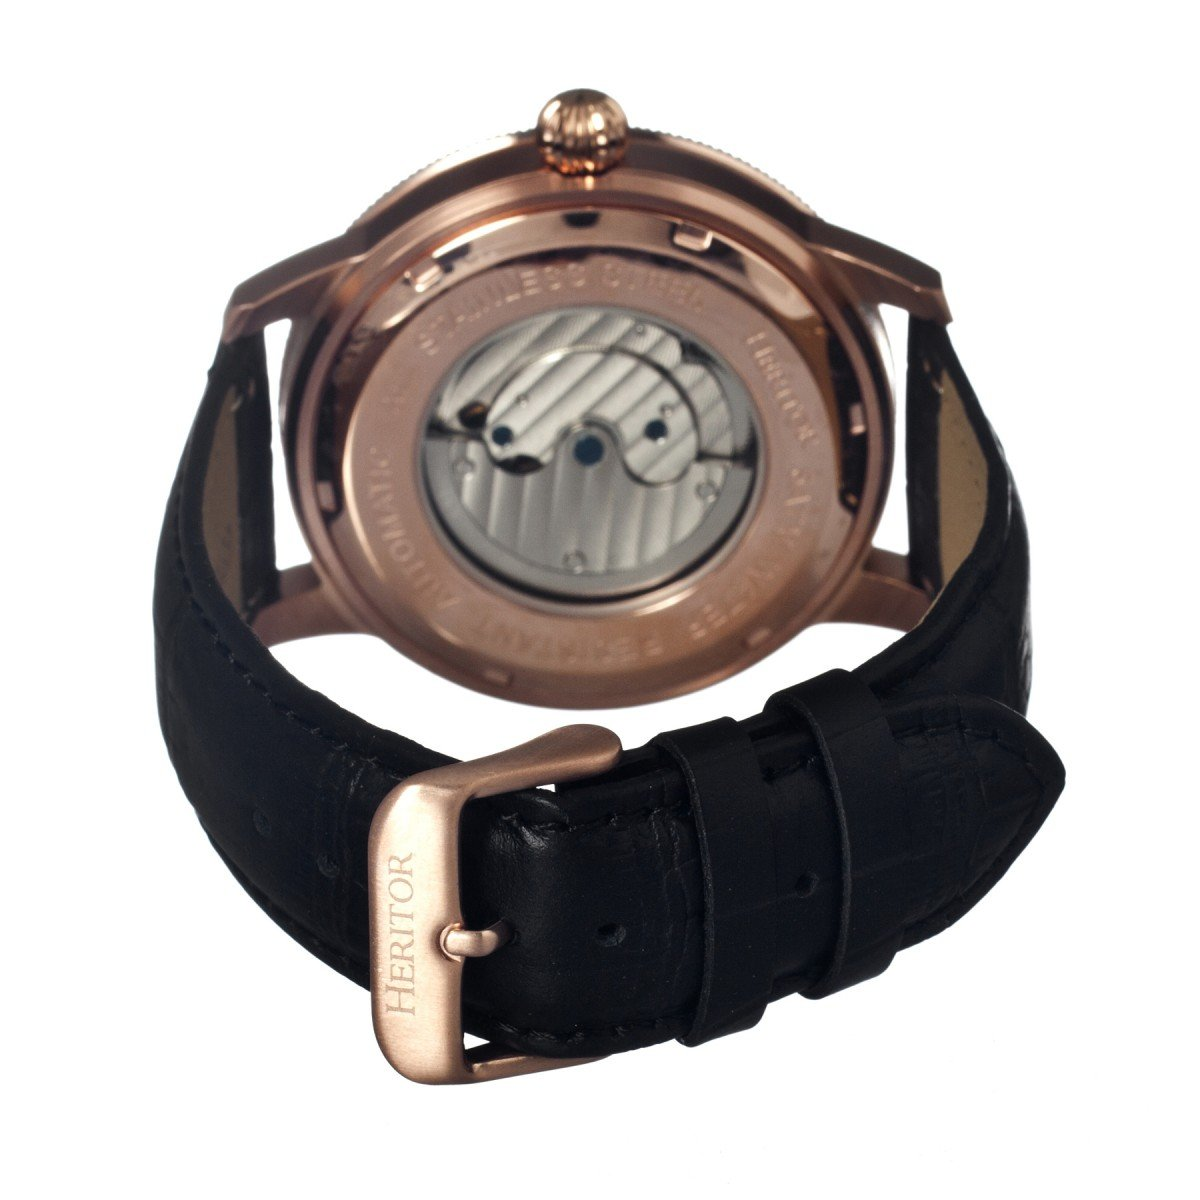 heritor automatic HERHR1004 - Reloj para hombres, correa de cuero color negro: Amazon.es: Relojes